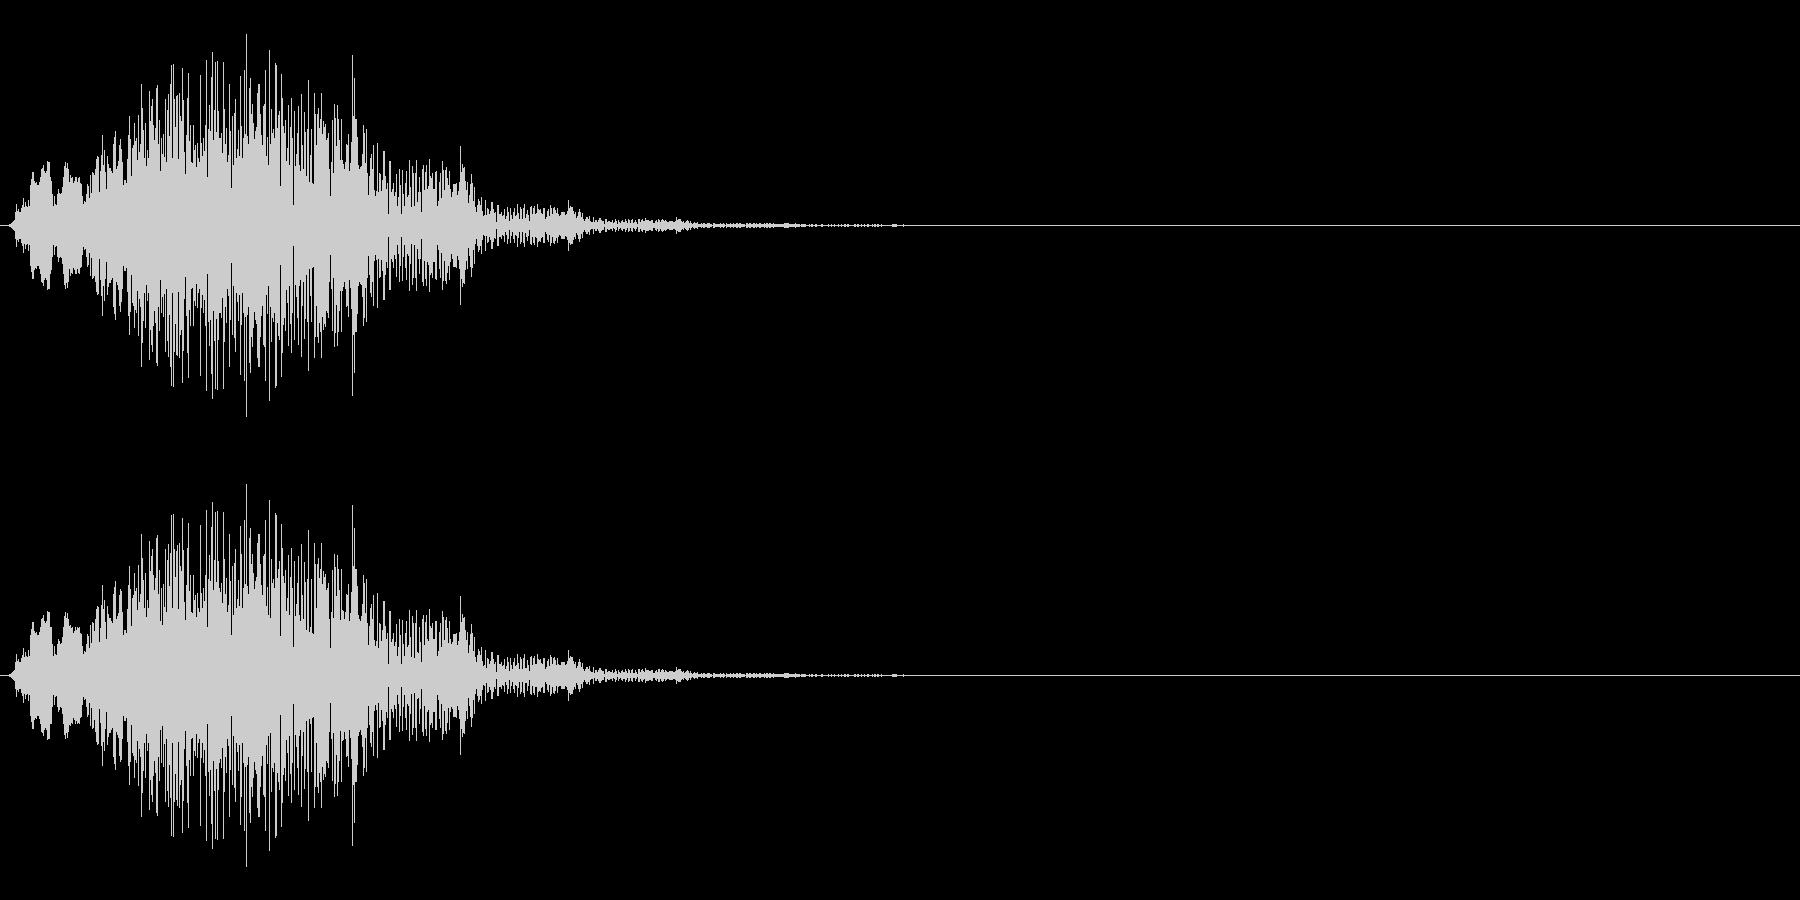 ゲームに使う事を想定したシステム効果音…の未再生の波形